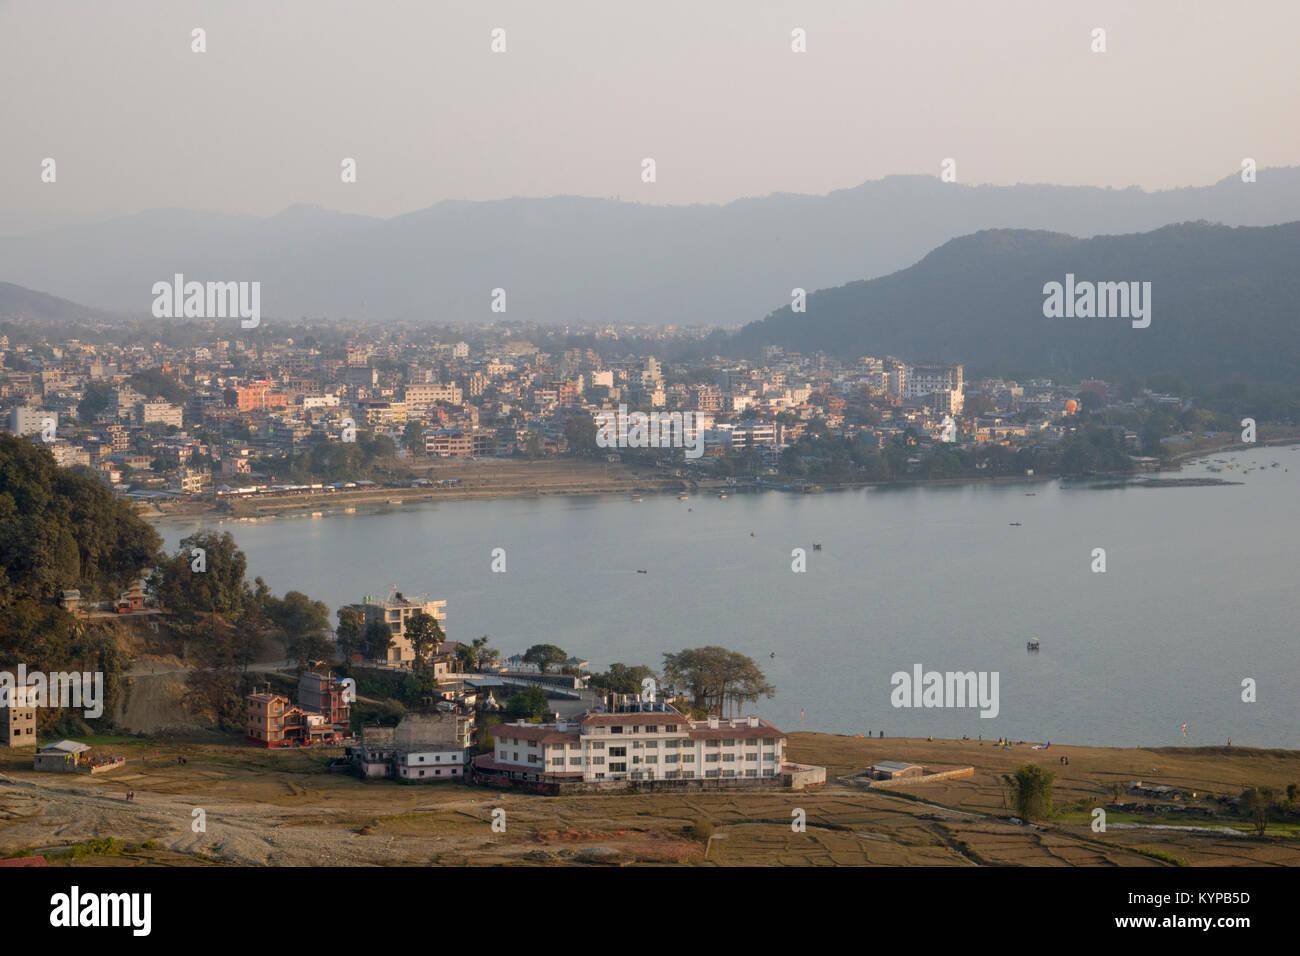 Scenic view of Phewa Lake and Pokhara, Nepal - Stock Image